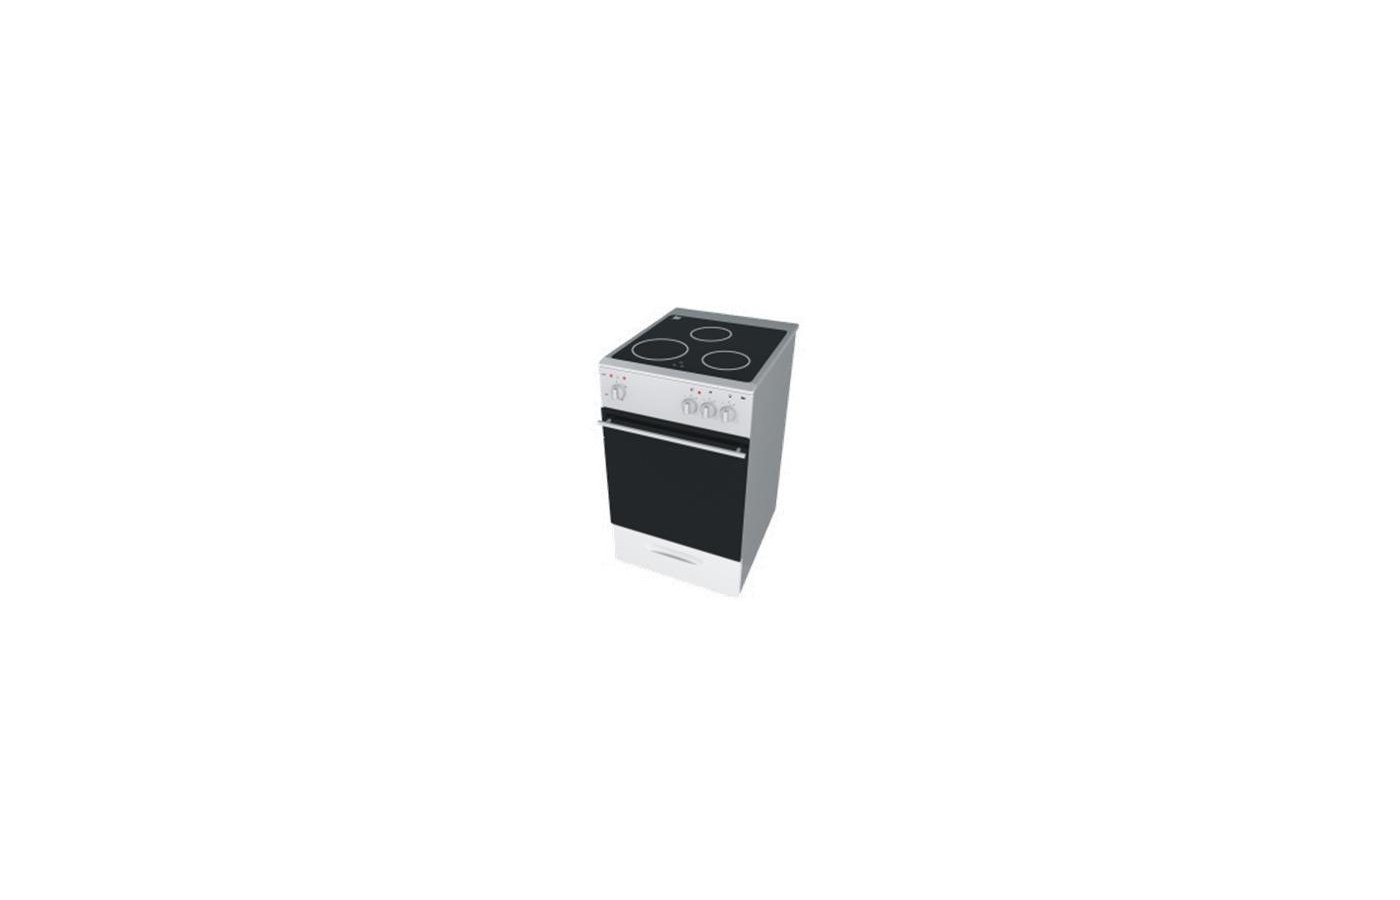 Плита электрическая RIKA Э-064 (565164)